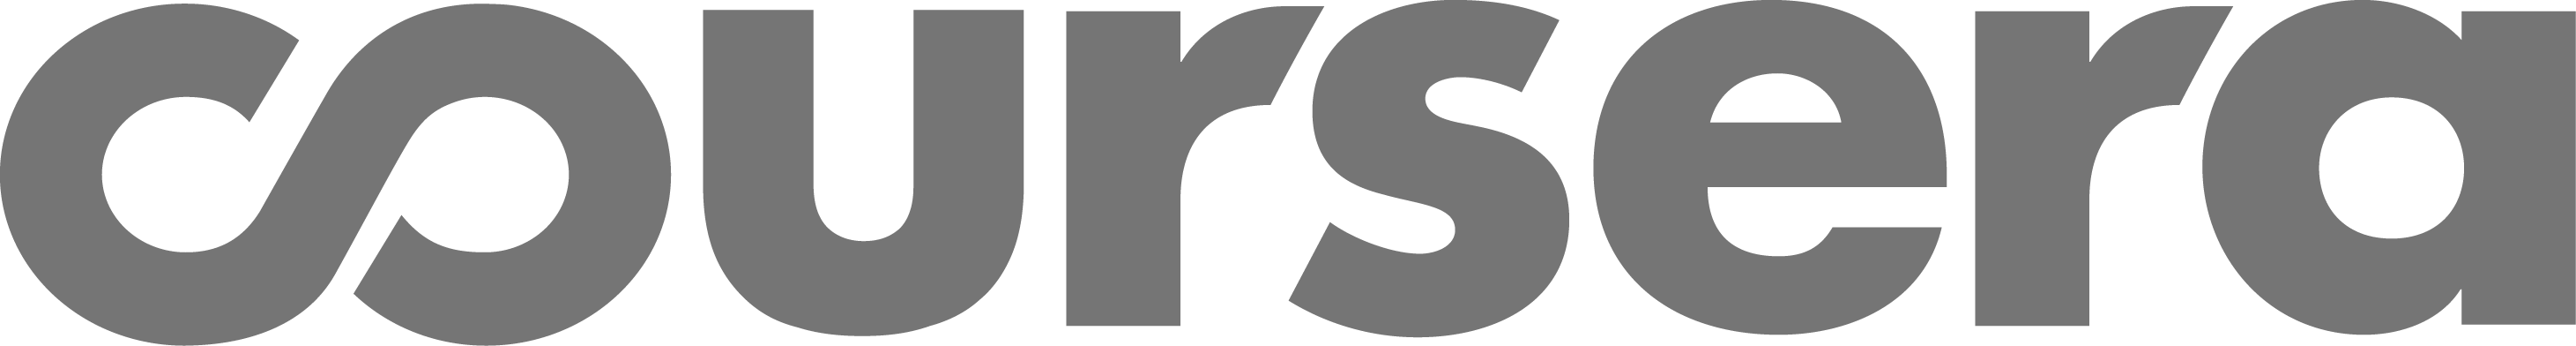 Coursera Logo.